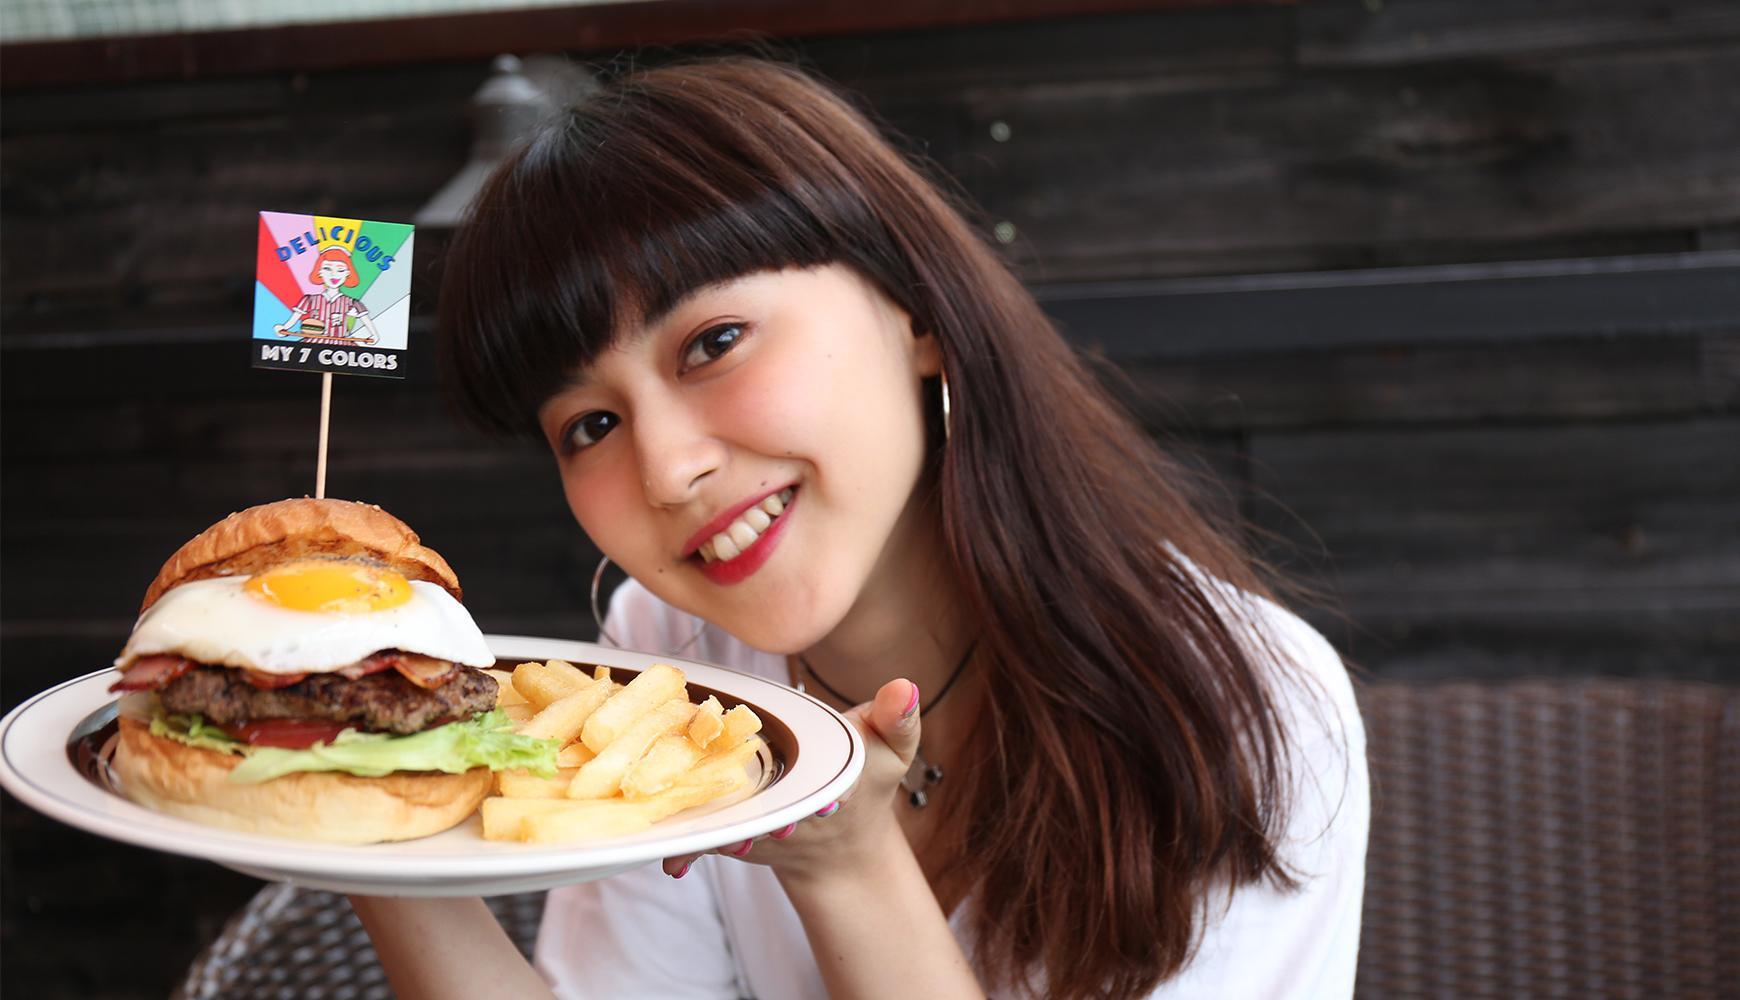 「cafe Hohokam(カフェ ホホカム)」の瀬戸あゆみコラボメニューをモデル・菅沼ゆりがレポート!